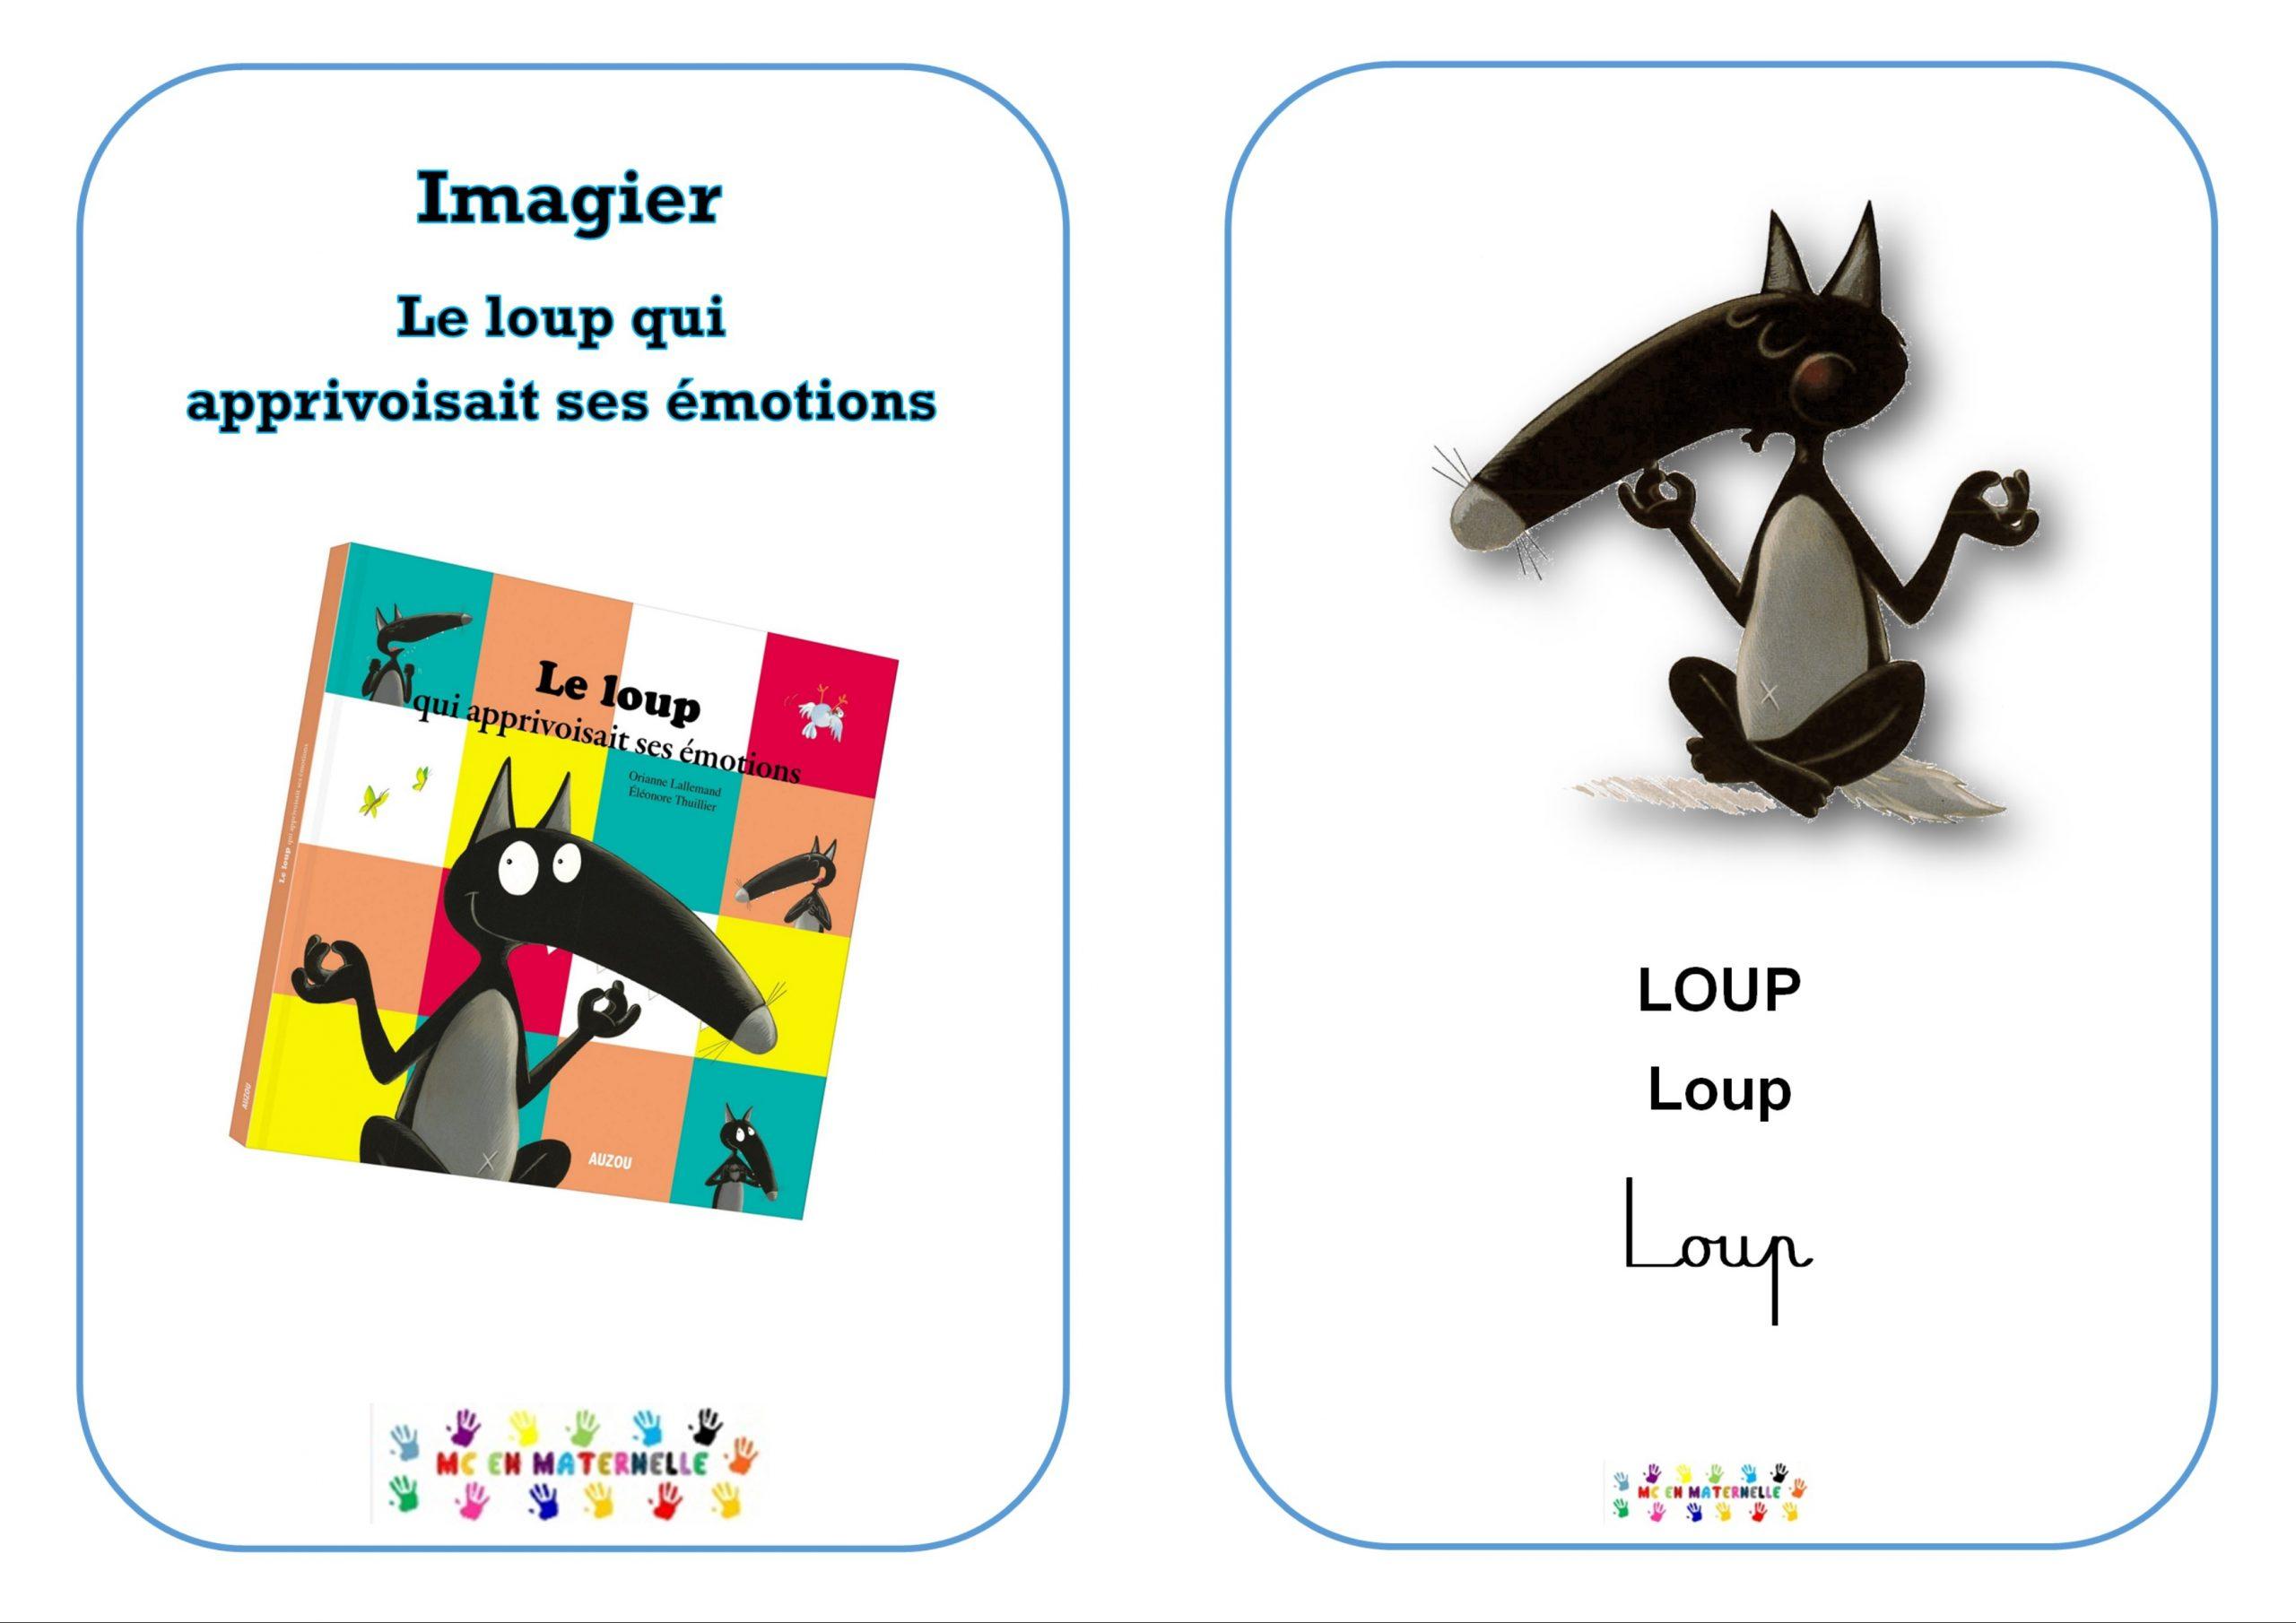 Le Loup Qui Apprivoisait Ses Émotions : Imagier – Mc En intérieur Imagier Noel Maternelle